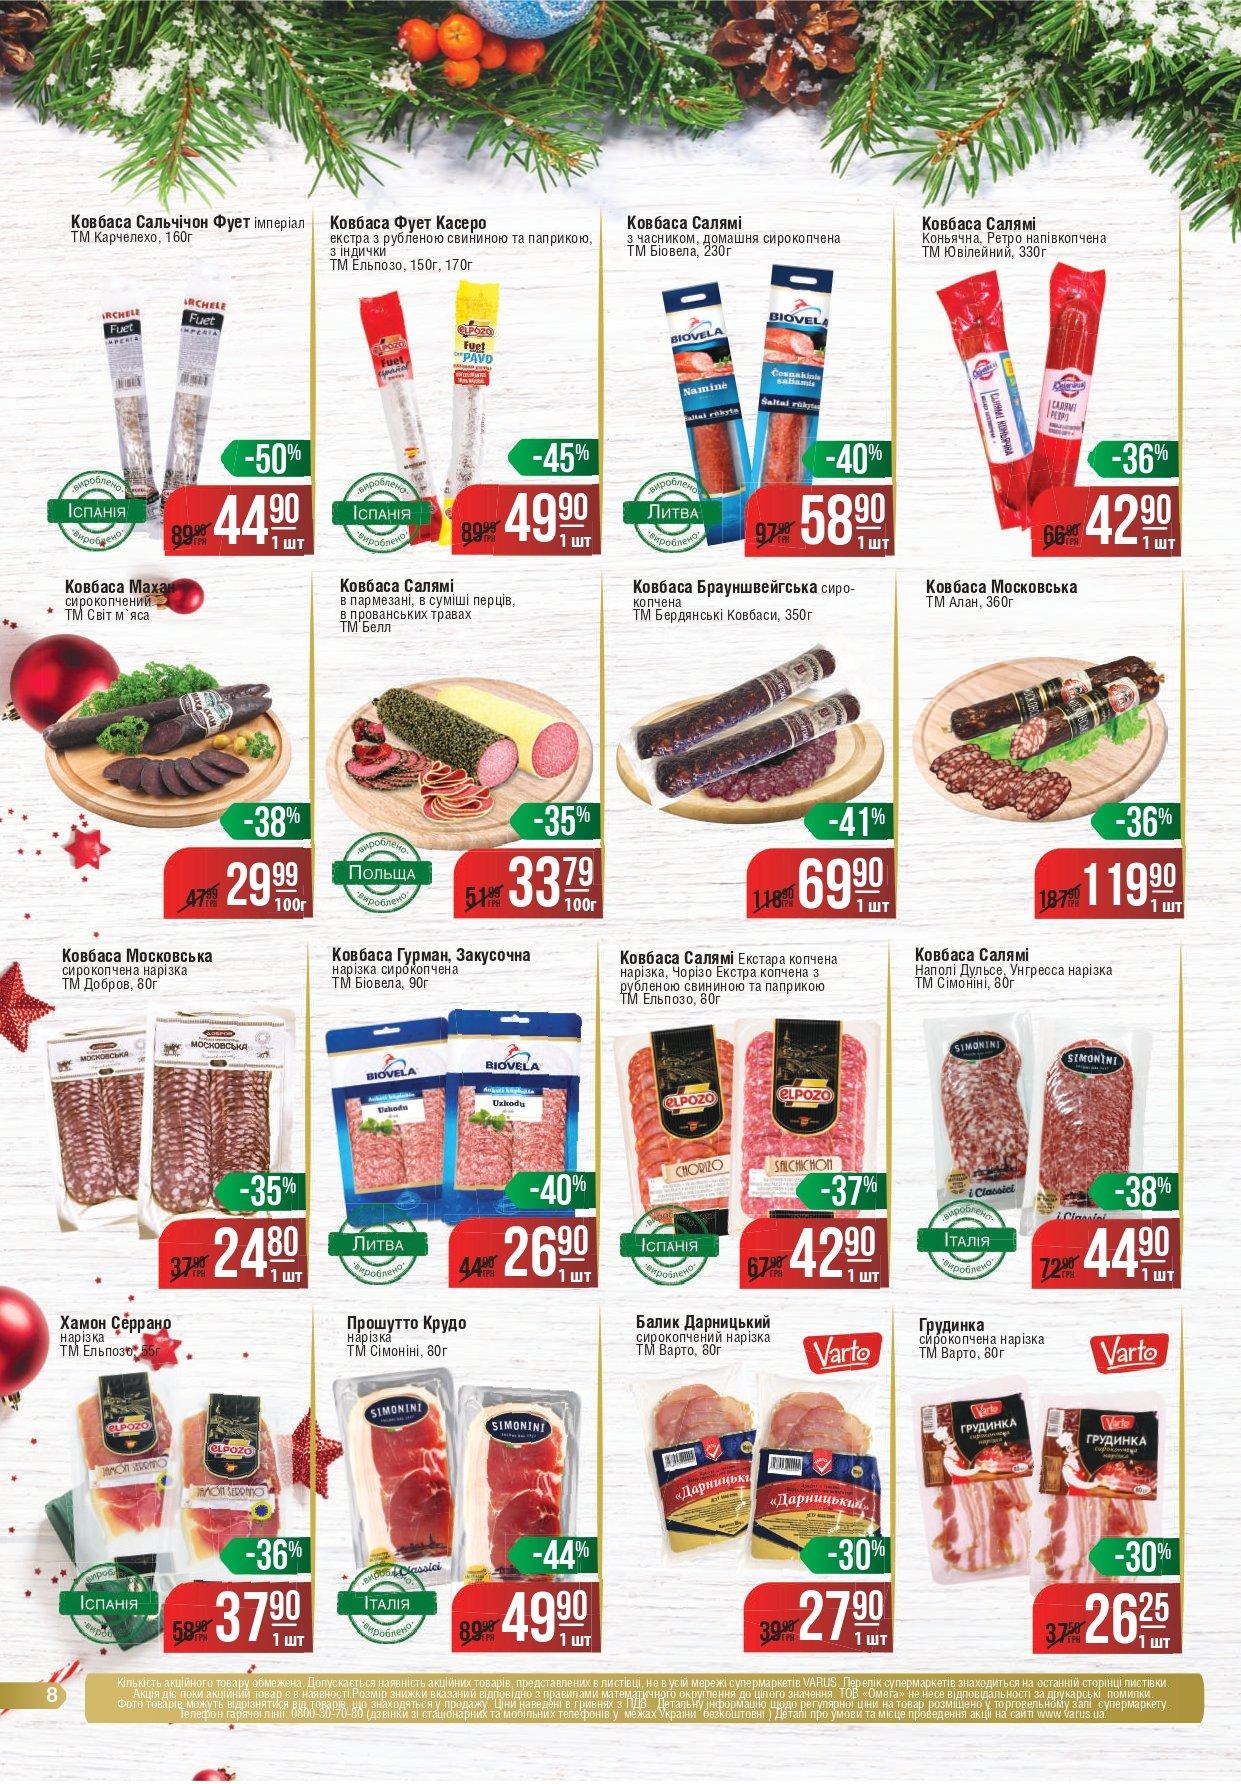 Делаем покупки к Новому Году: какие акции действуют в супермаркетах Днепра, - ЦЕНЫ, фото-37